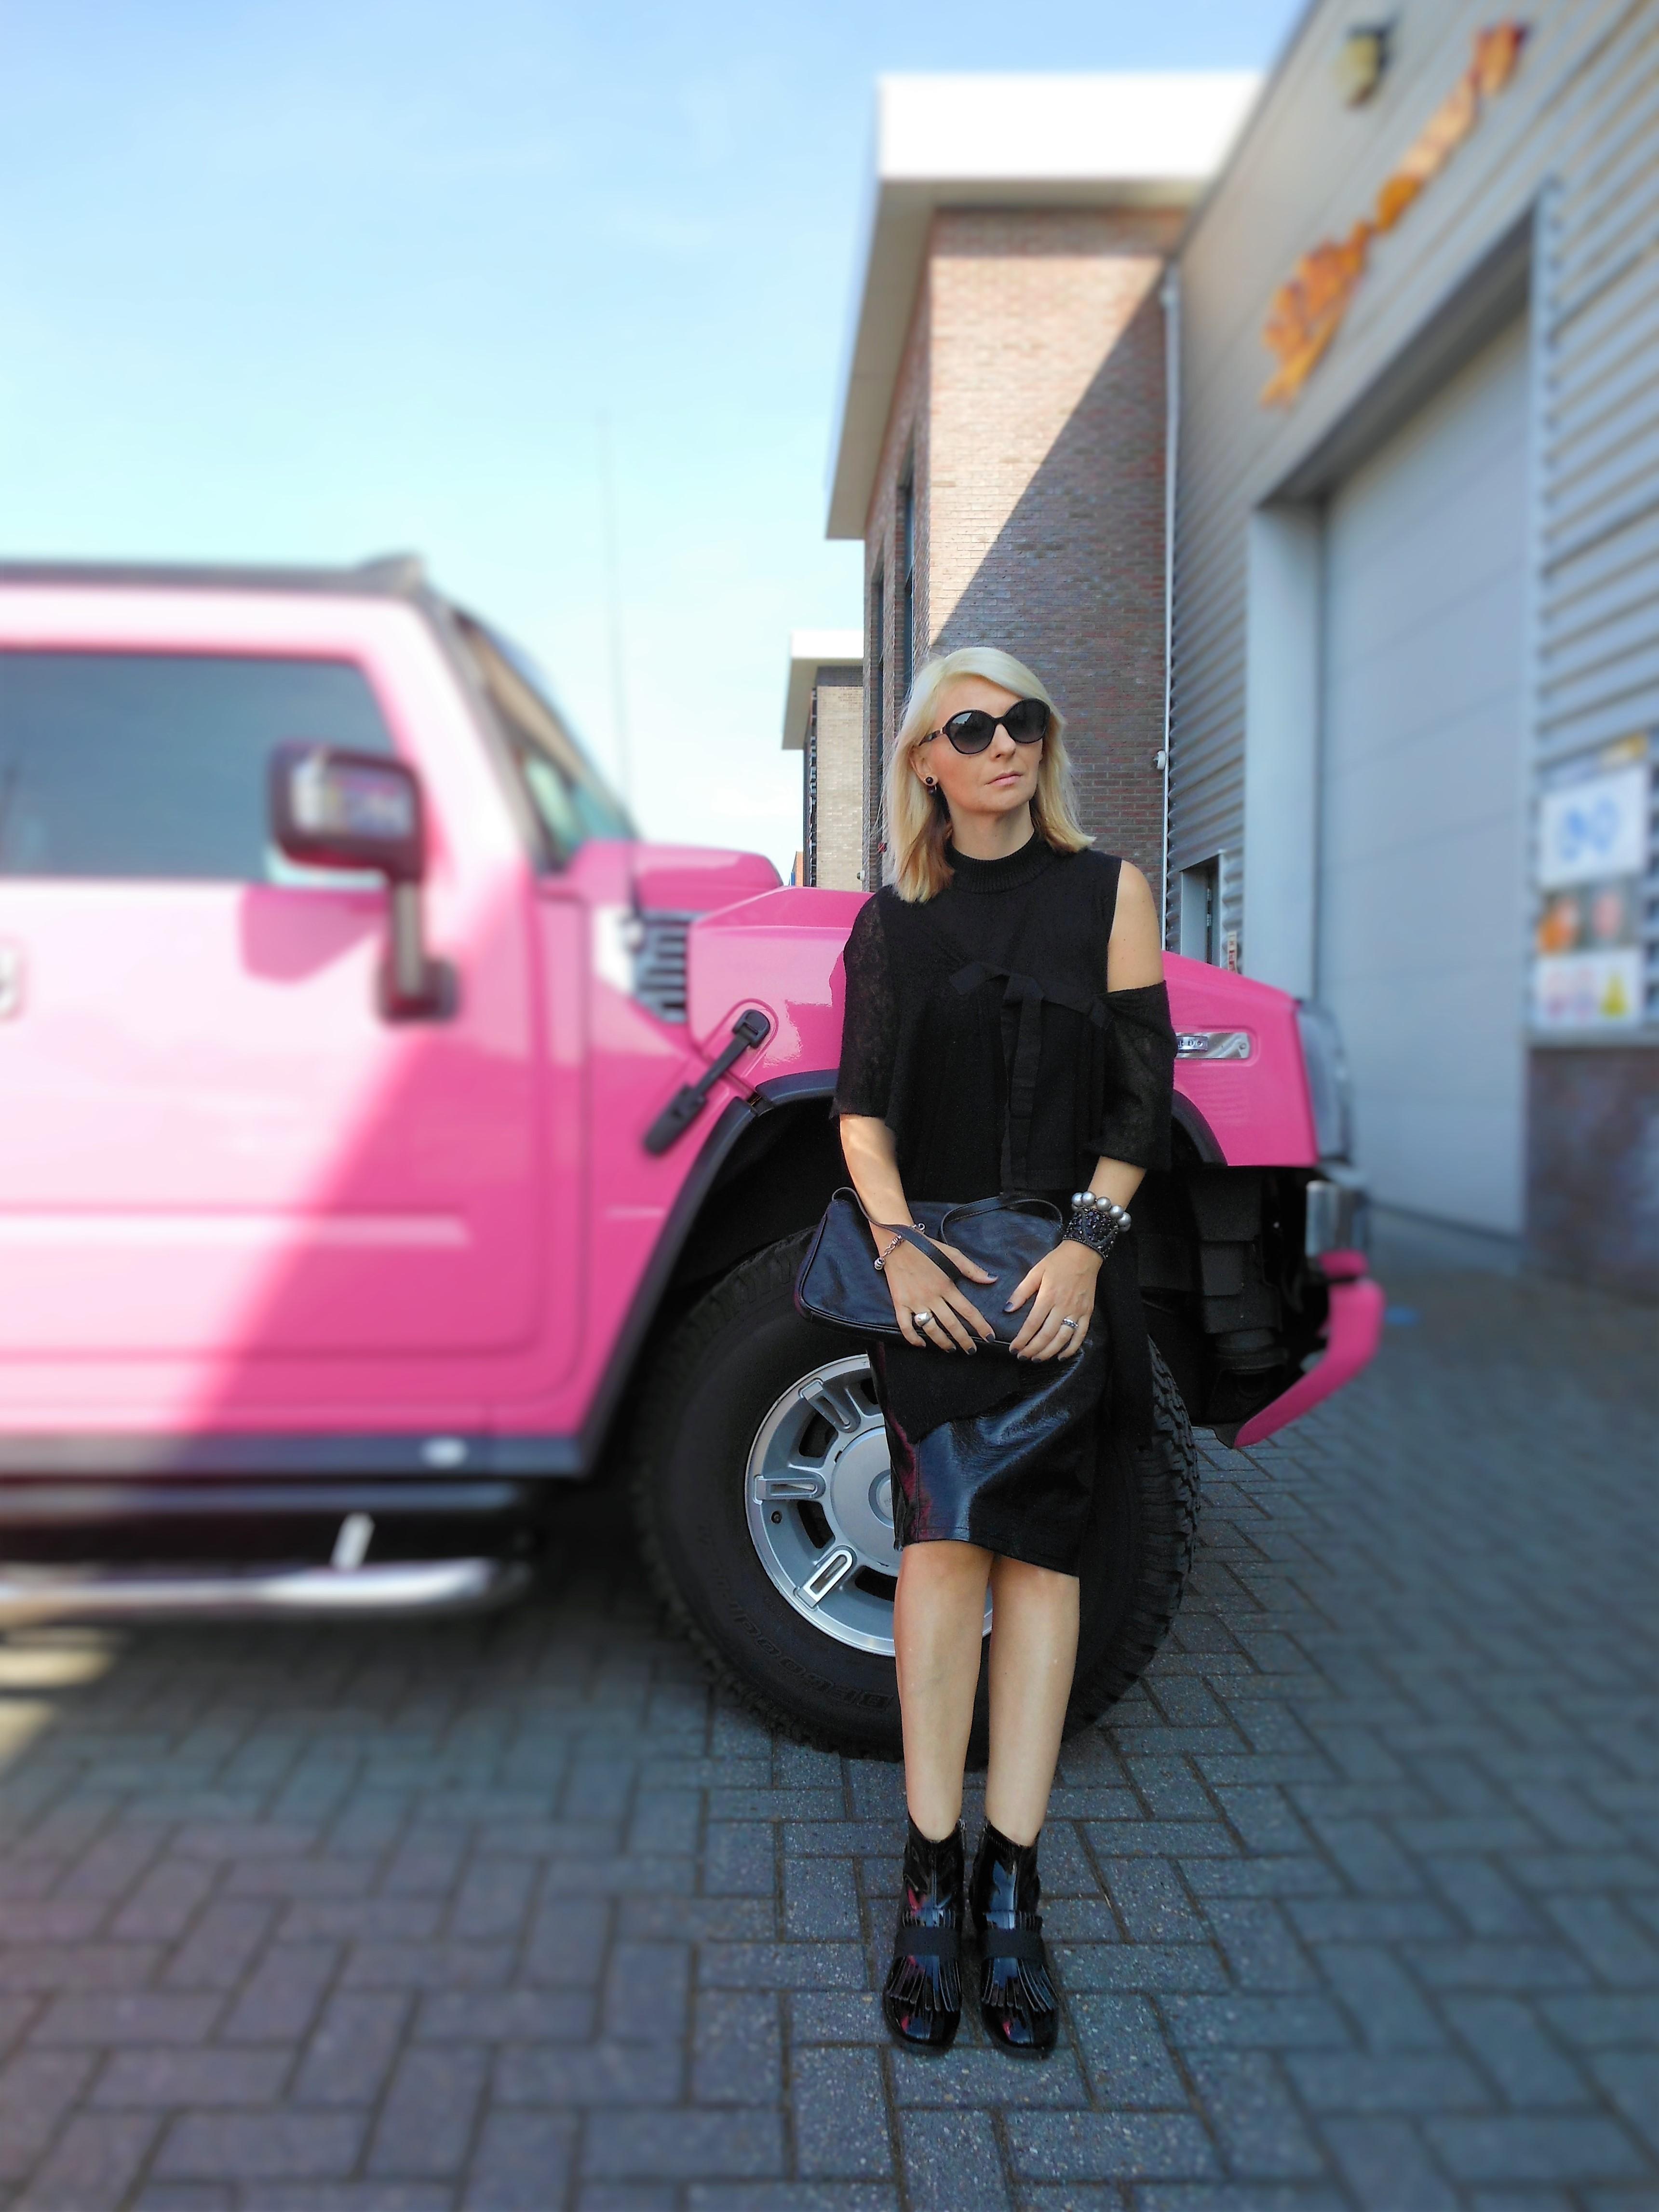 pink limo hummer, pink hummer, pink limo